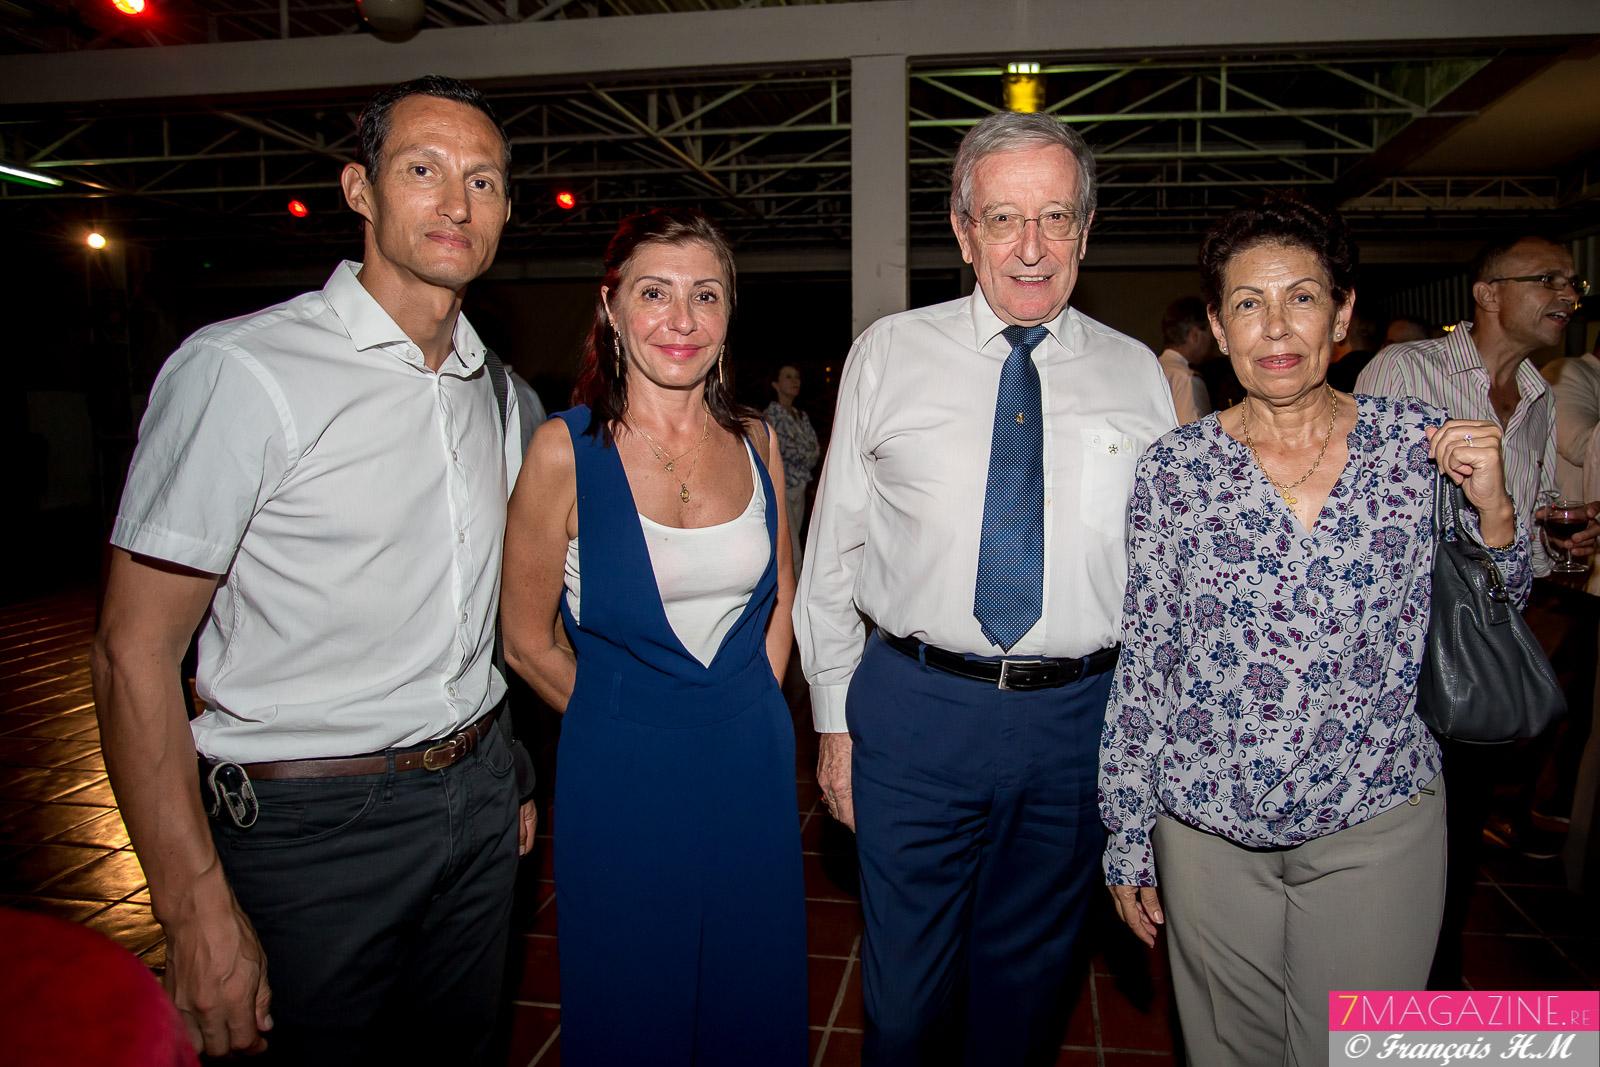 Vincent Guivarch, adjoint au directeur régional des Douanes, et son épouse Béatrice, Pr Patrick Hervé, président de la section de La Réunion de l'Association Nationale des membres de l'Ordre National du Mérite (SRONM), et son épouse Nicole